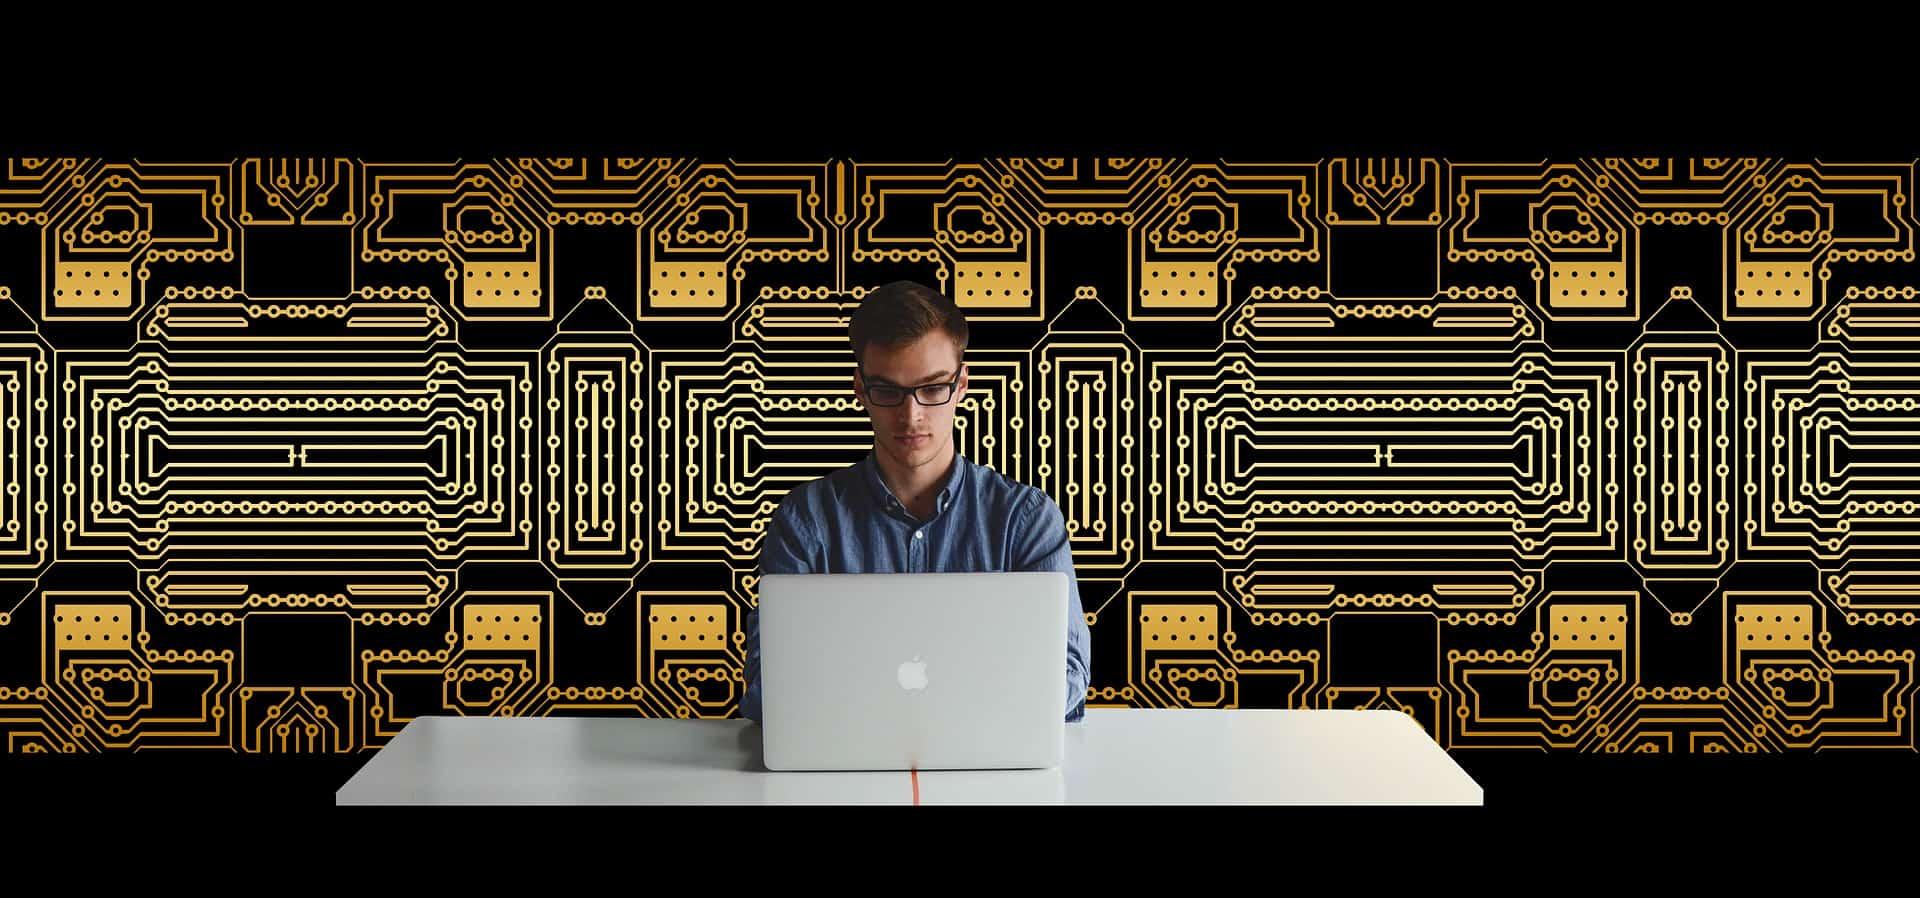 Imagem mostra homem com óculos à frente de um notebook, com fundo tecnológico.